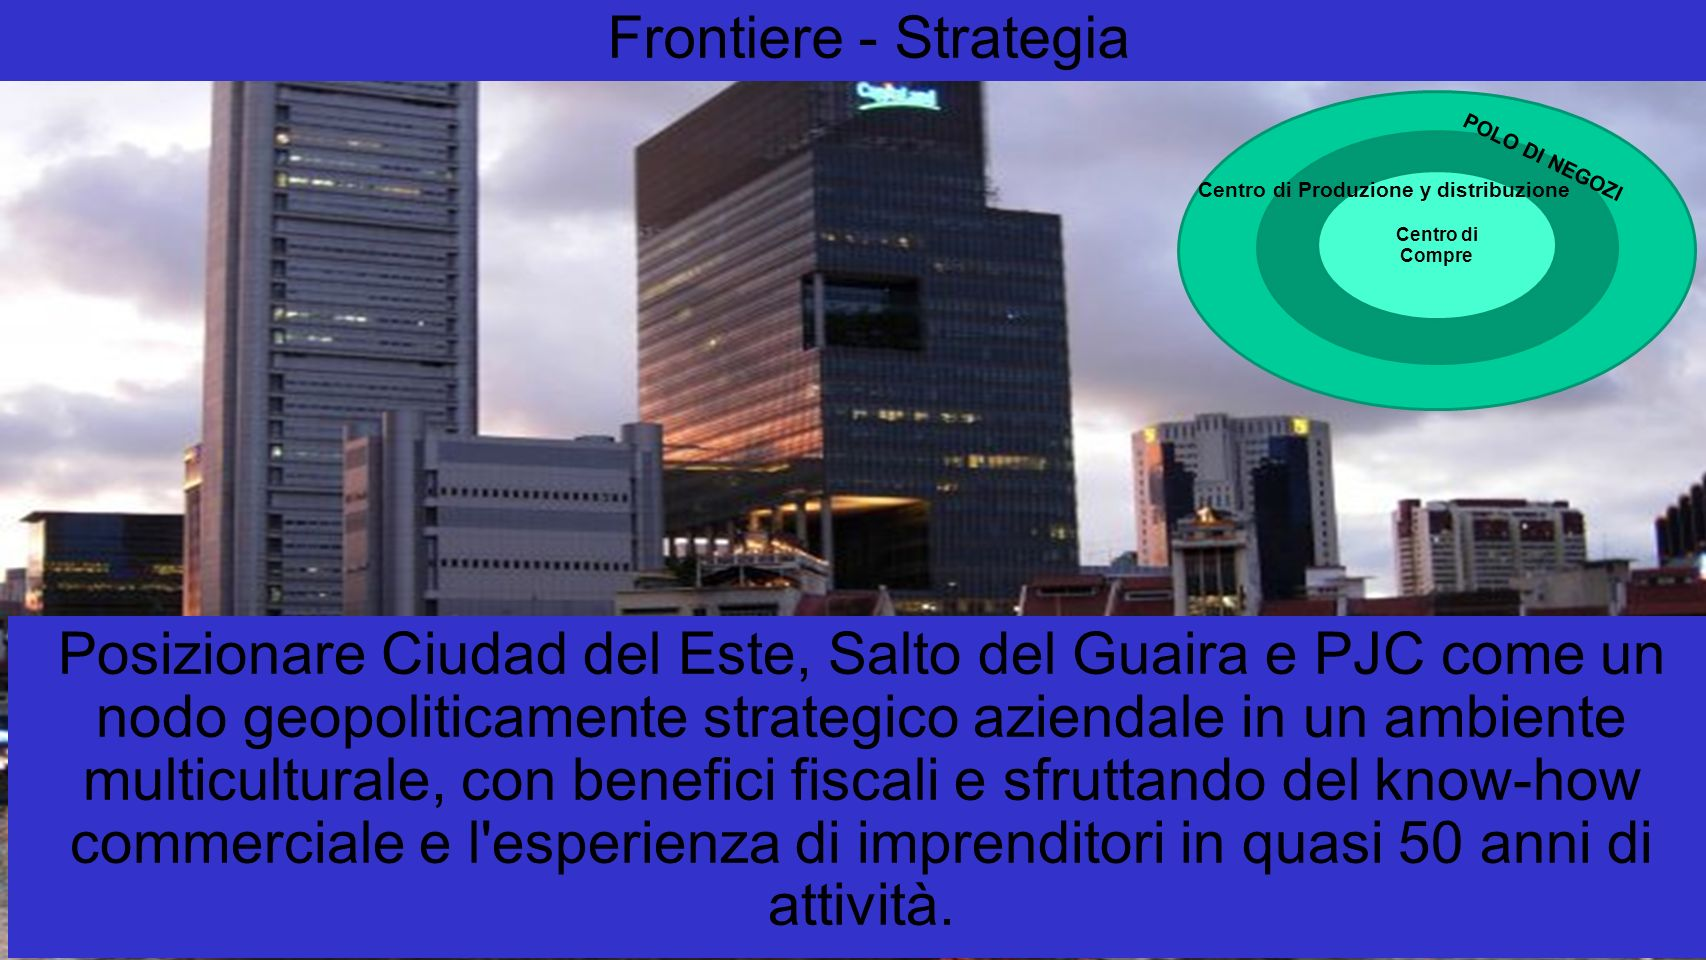 Frontiere - Strategia Centro di Compre. POLO DI NEGOZI. Centro di Produzione y distribuzione.